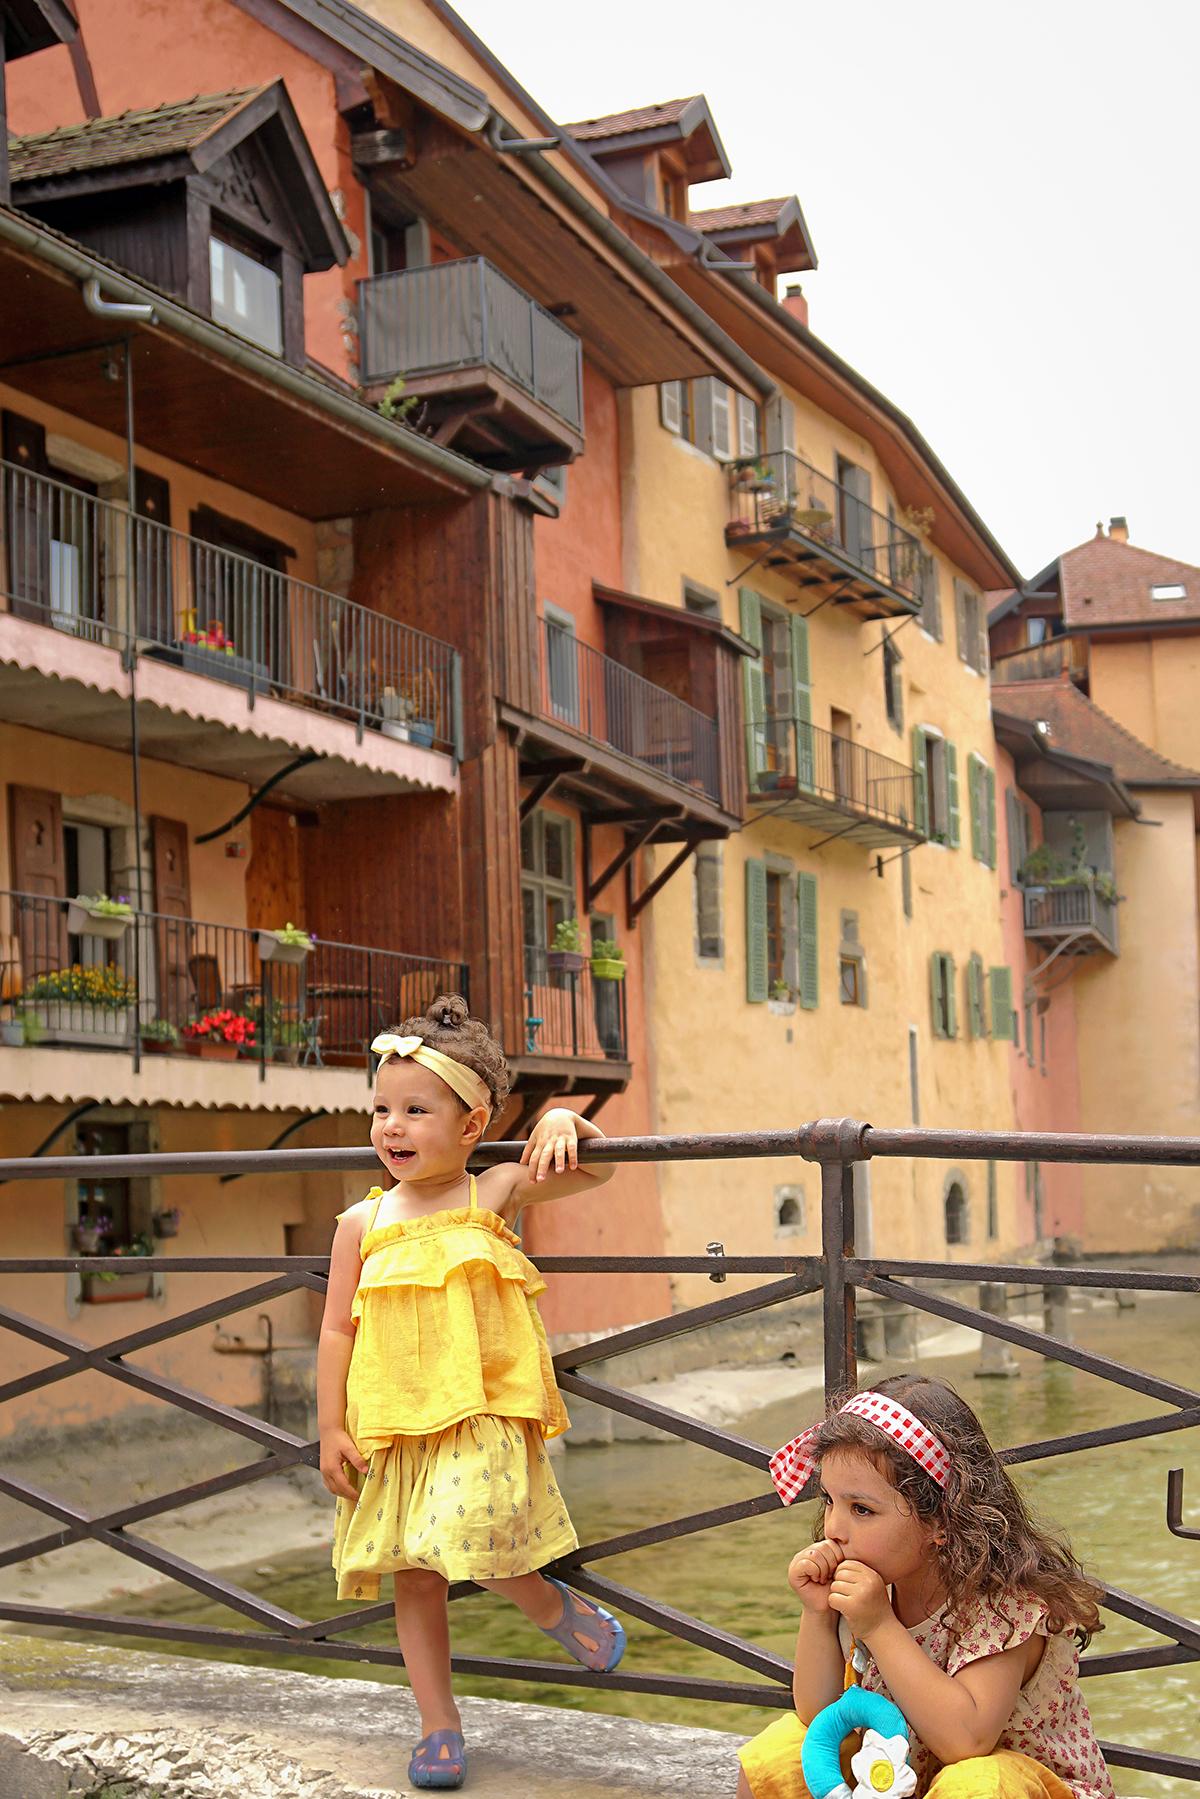 Petites filles à Annecy le vieux, rivière du Thioux